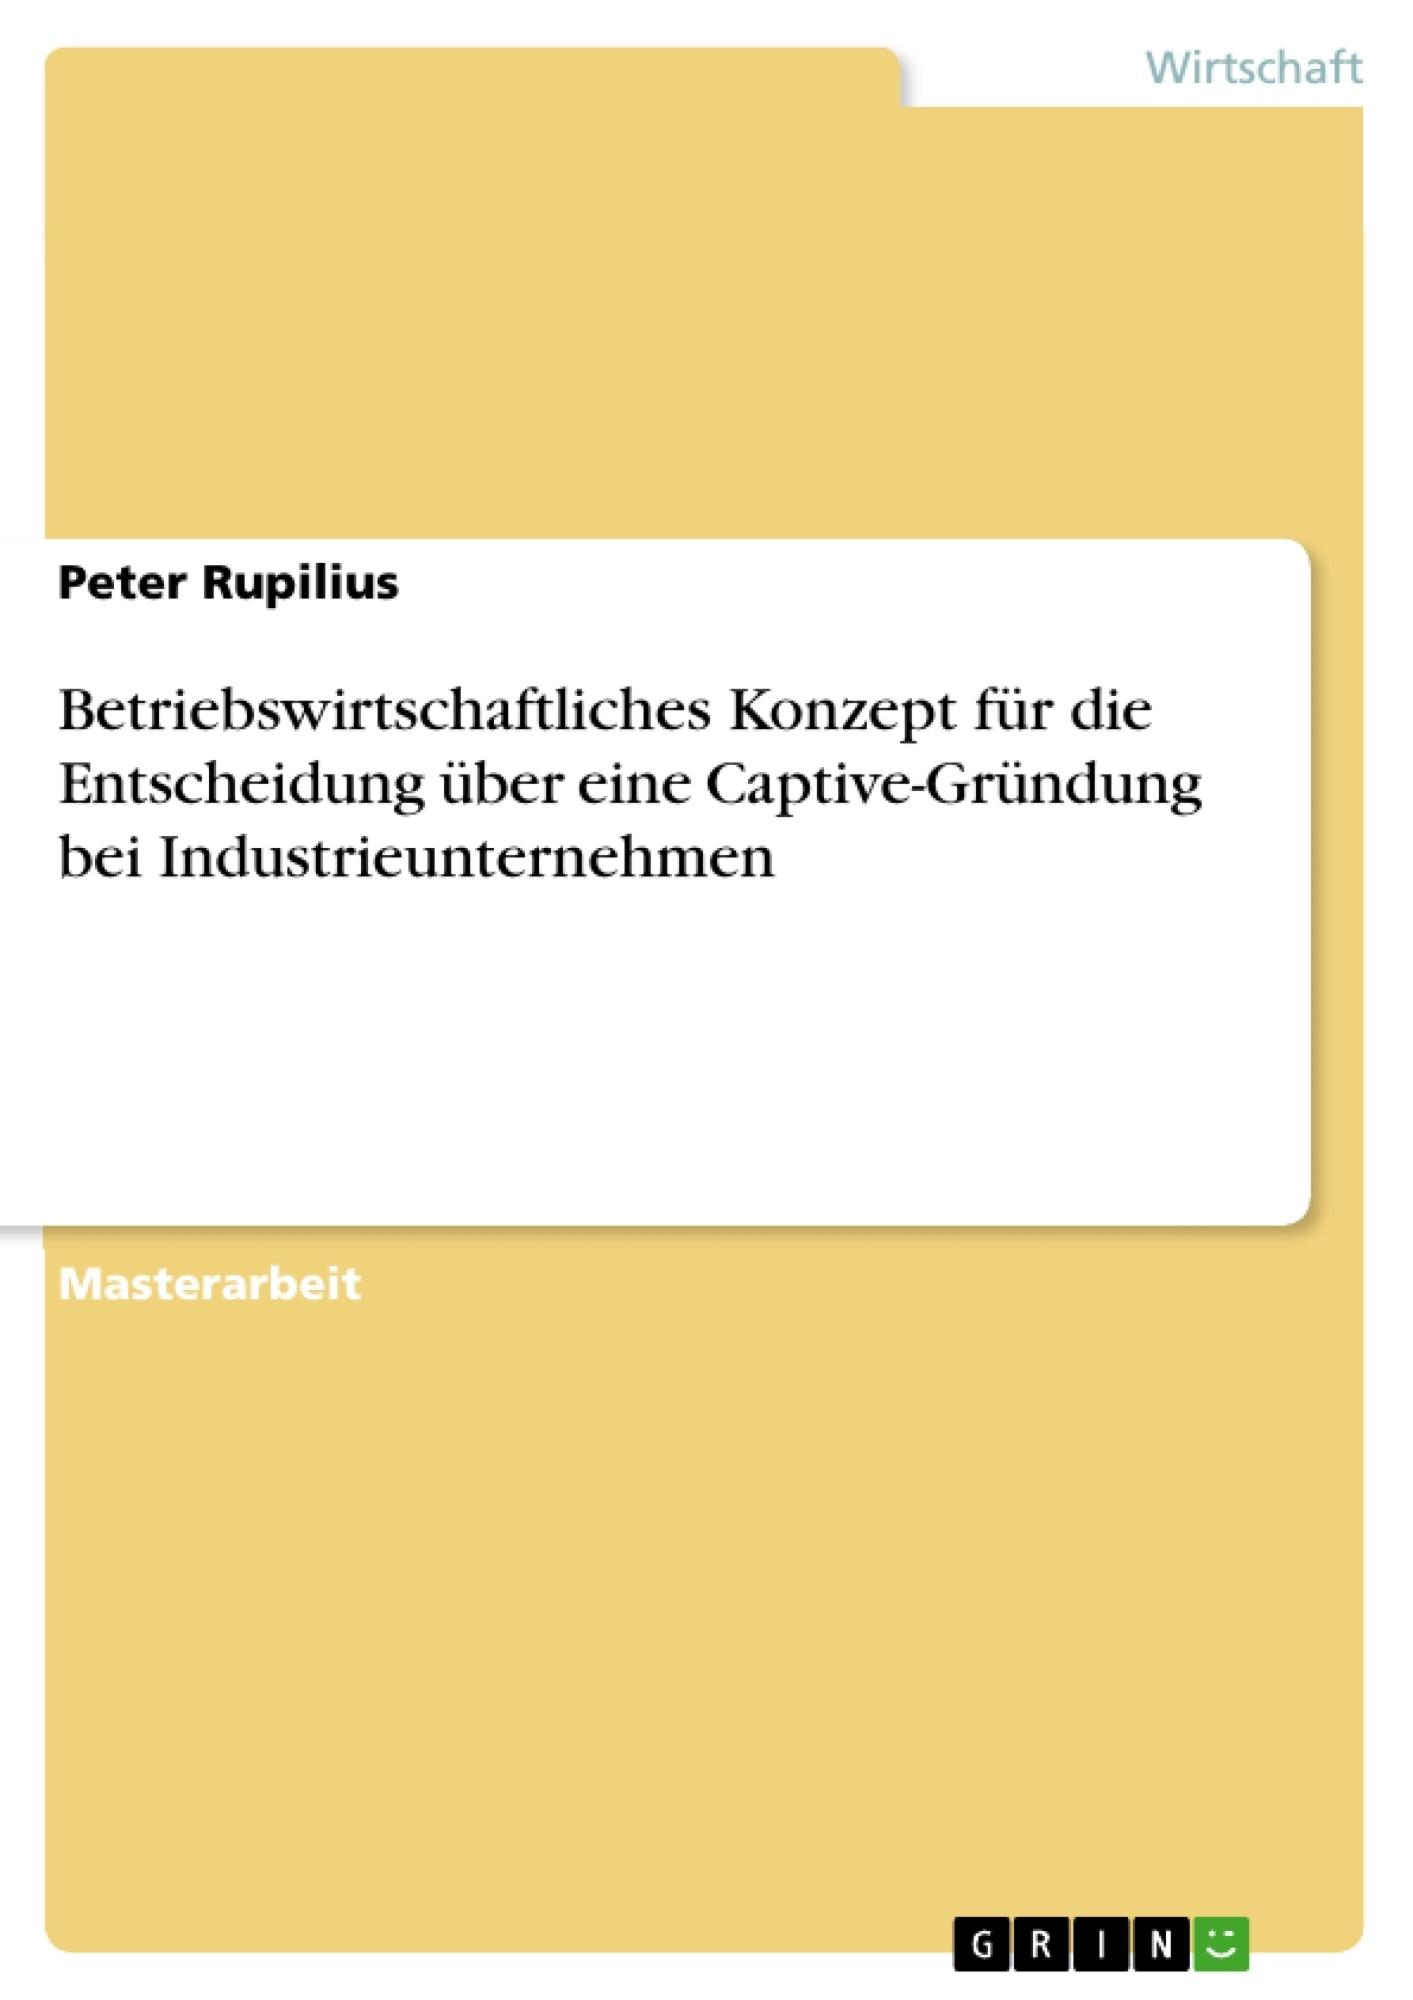 Titel: Betriebswirtschaftliches Konzept für die Entscheidung über eine Captive-Gründung bei Industrieunternehmen